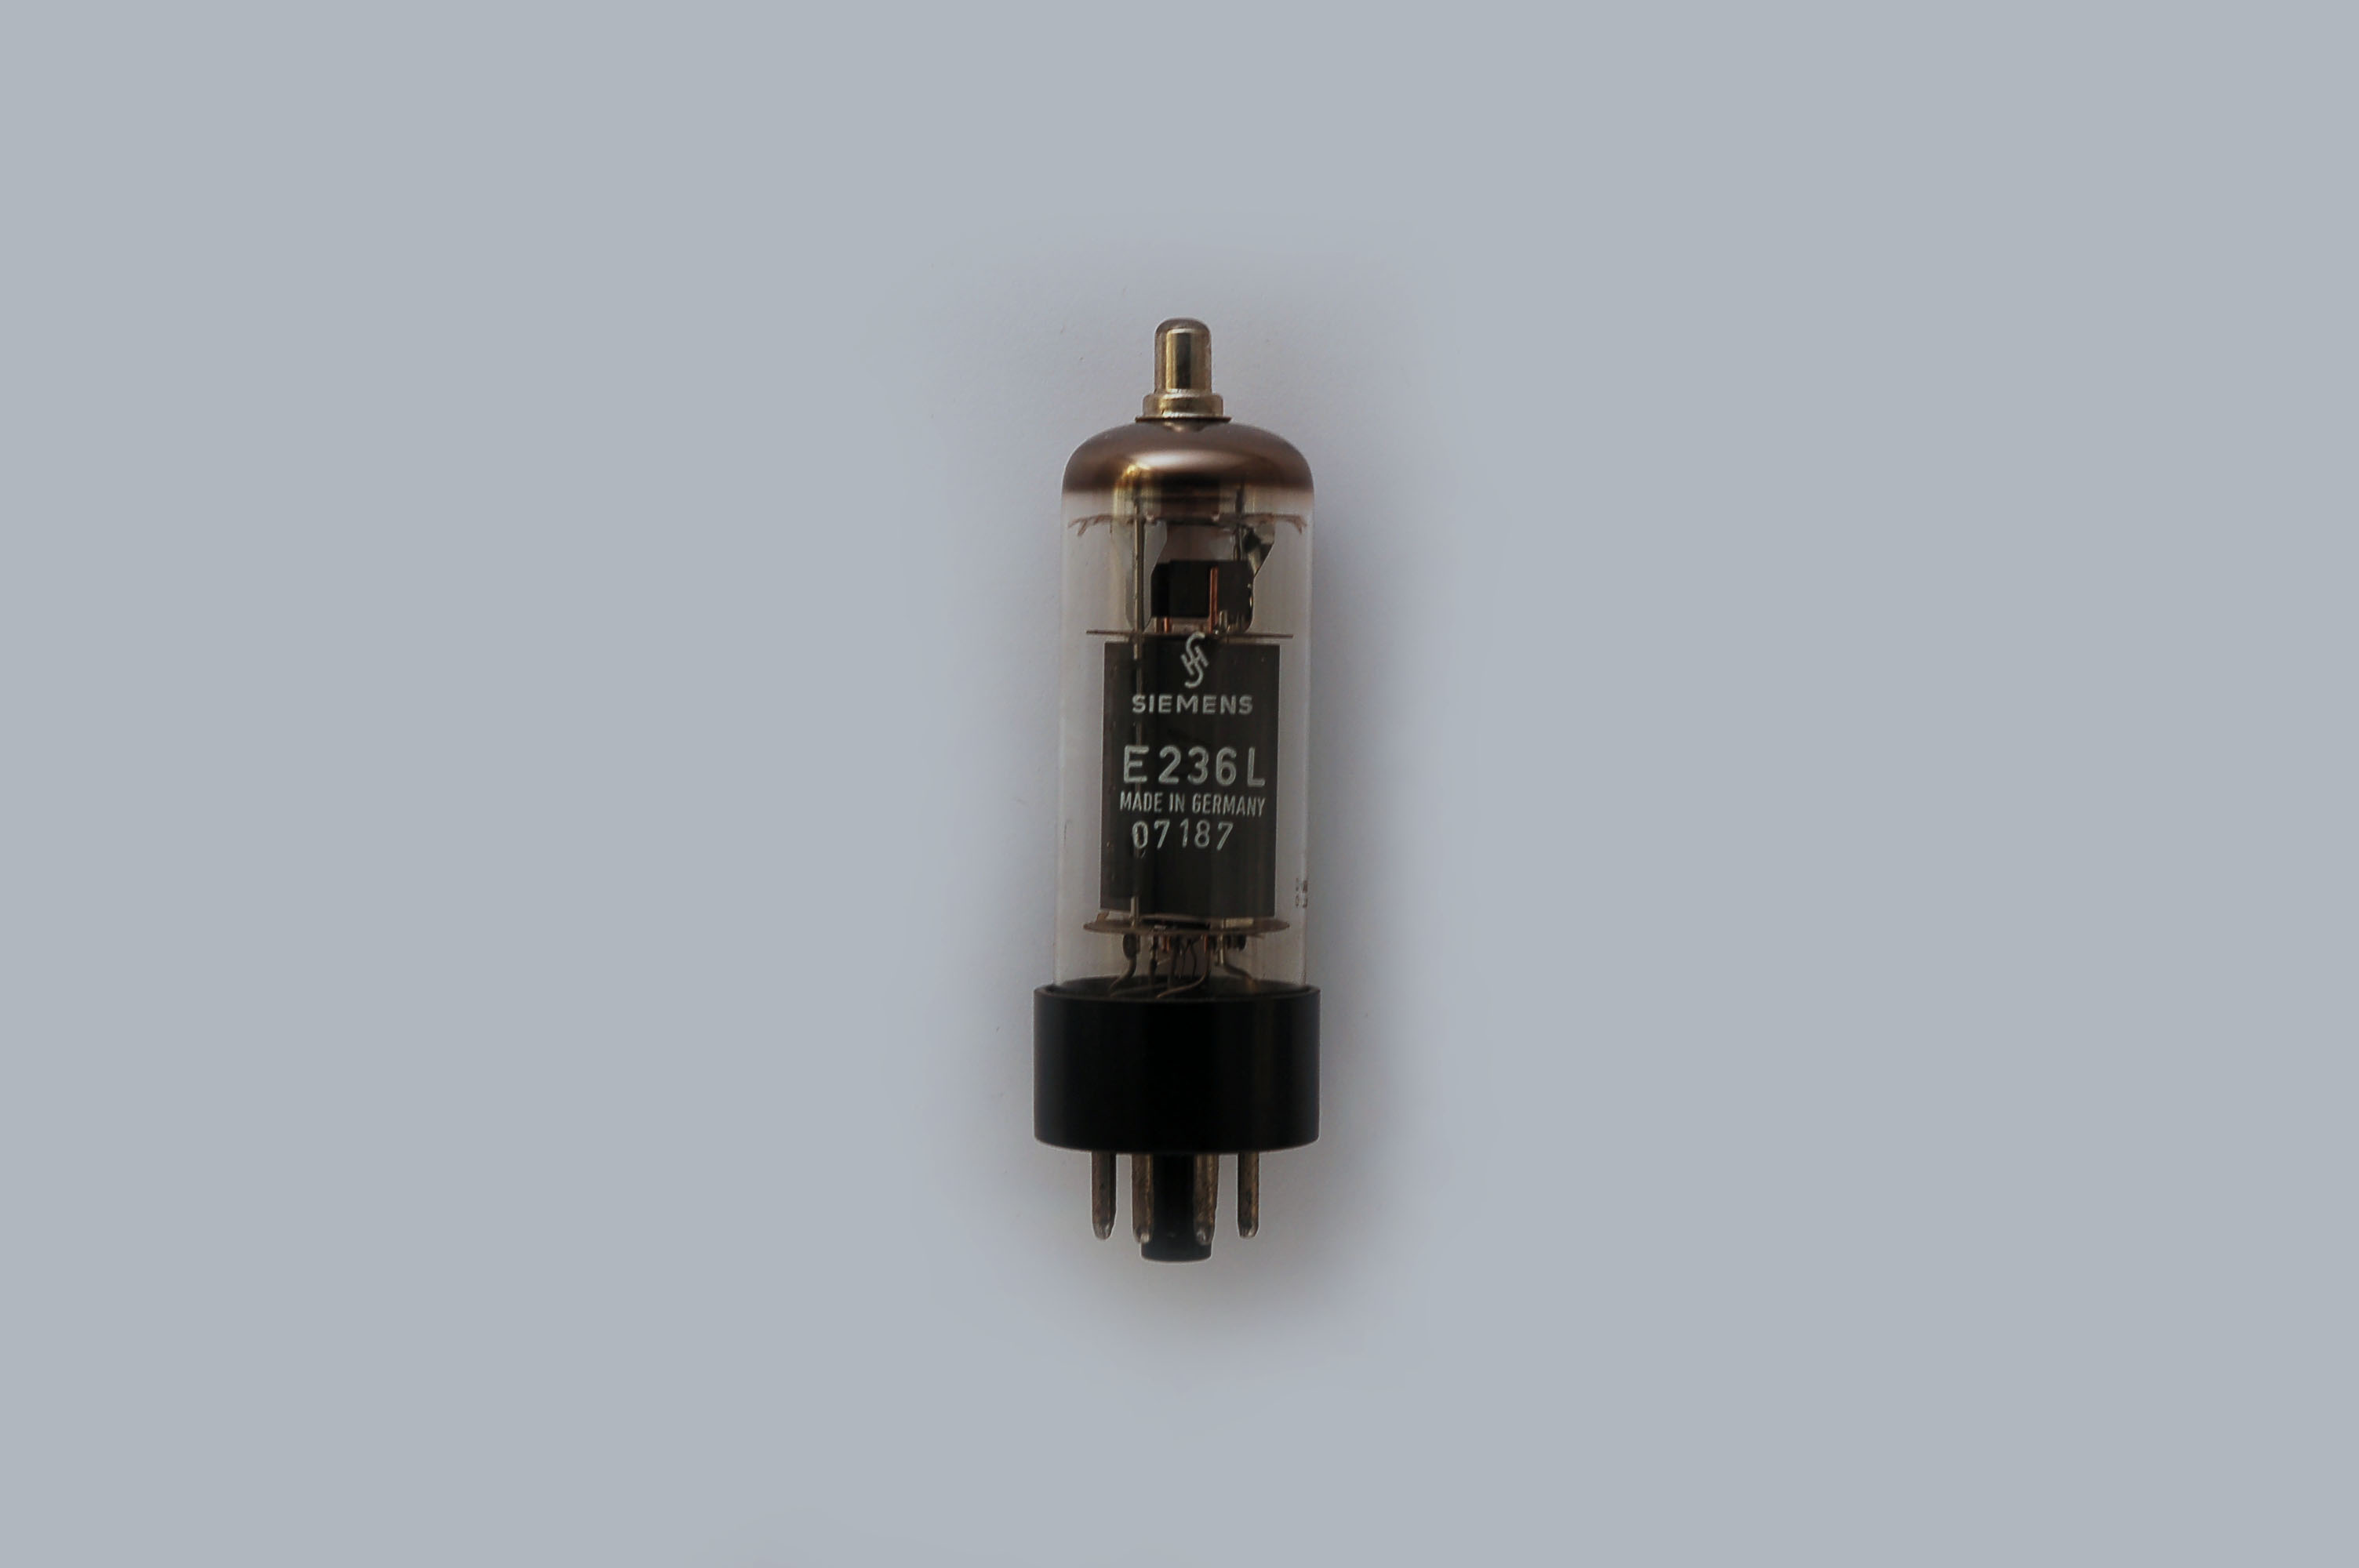 e236l